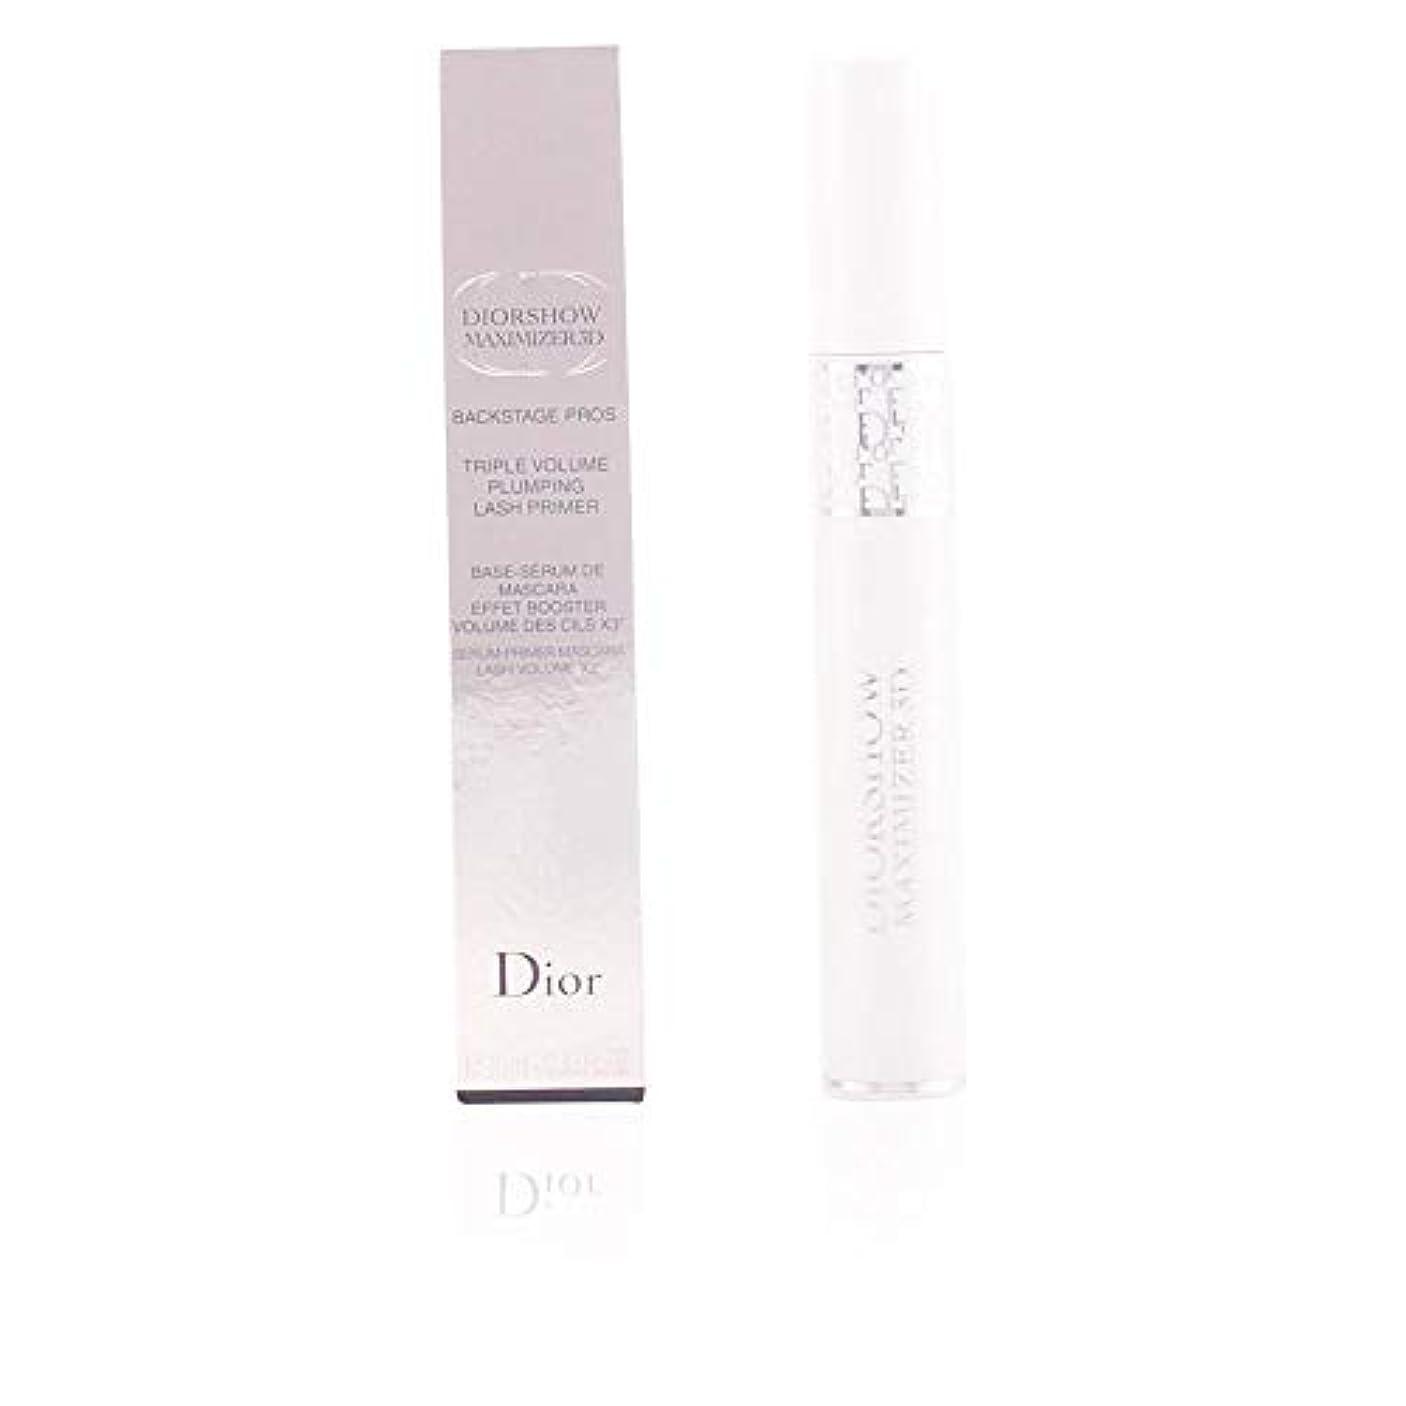 好奇心パイルモータークリスチャン ディオール(Christian Dior) ディオールショウ マキシマイザー 3D 10ml[並行輸入品]